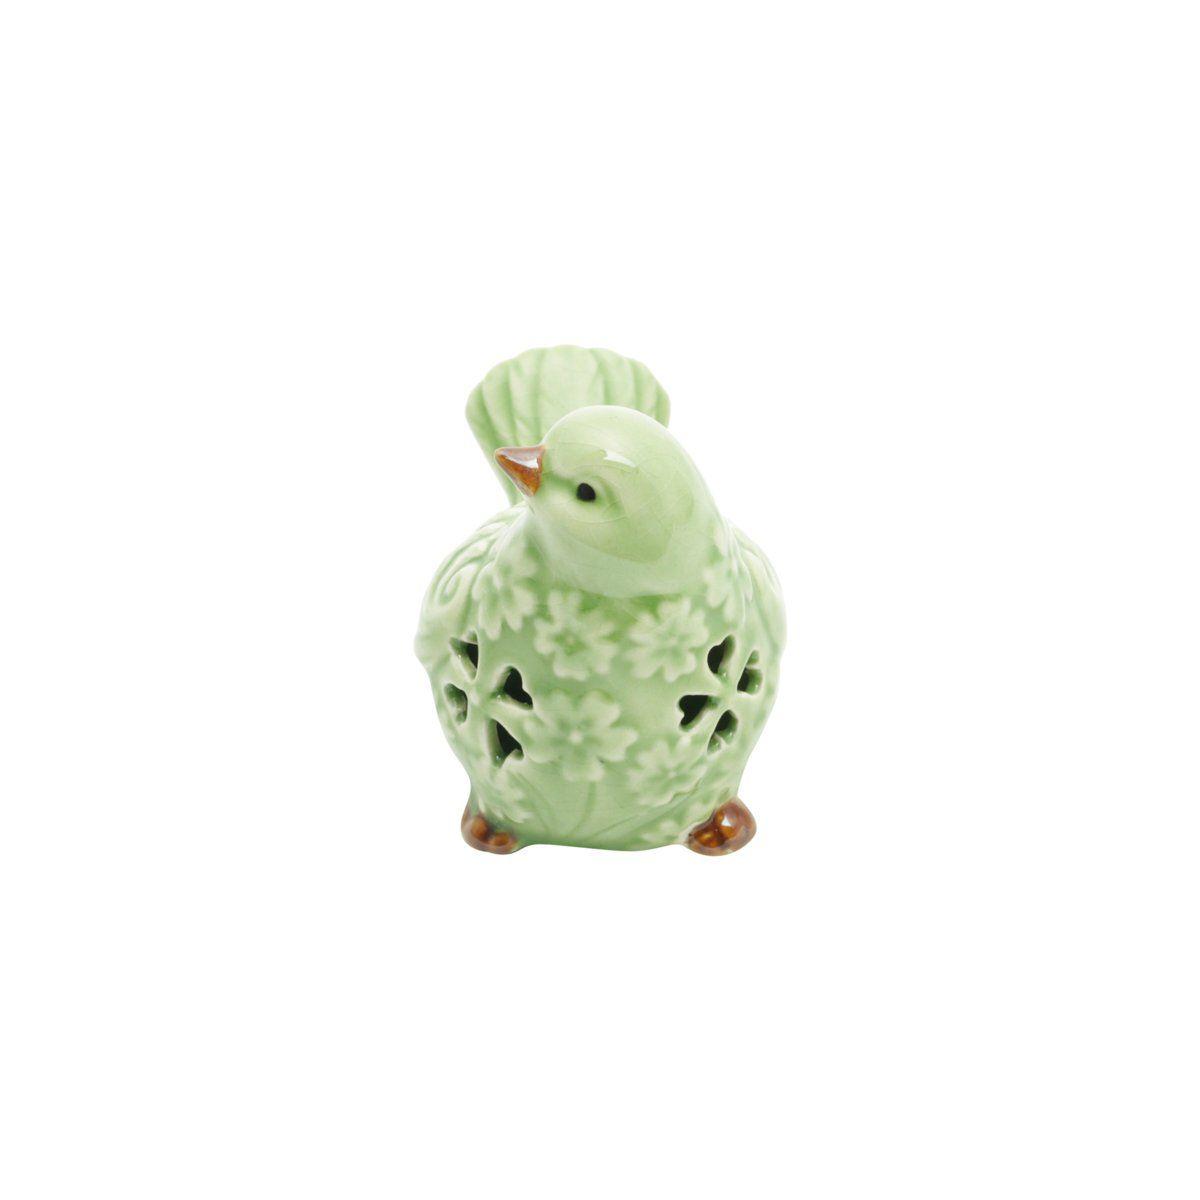 Pássaro decorativo 9,5 x 6,5 cm de cerâmica verde Tree Lyor - L4181